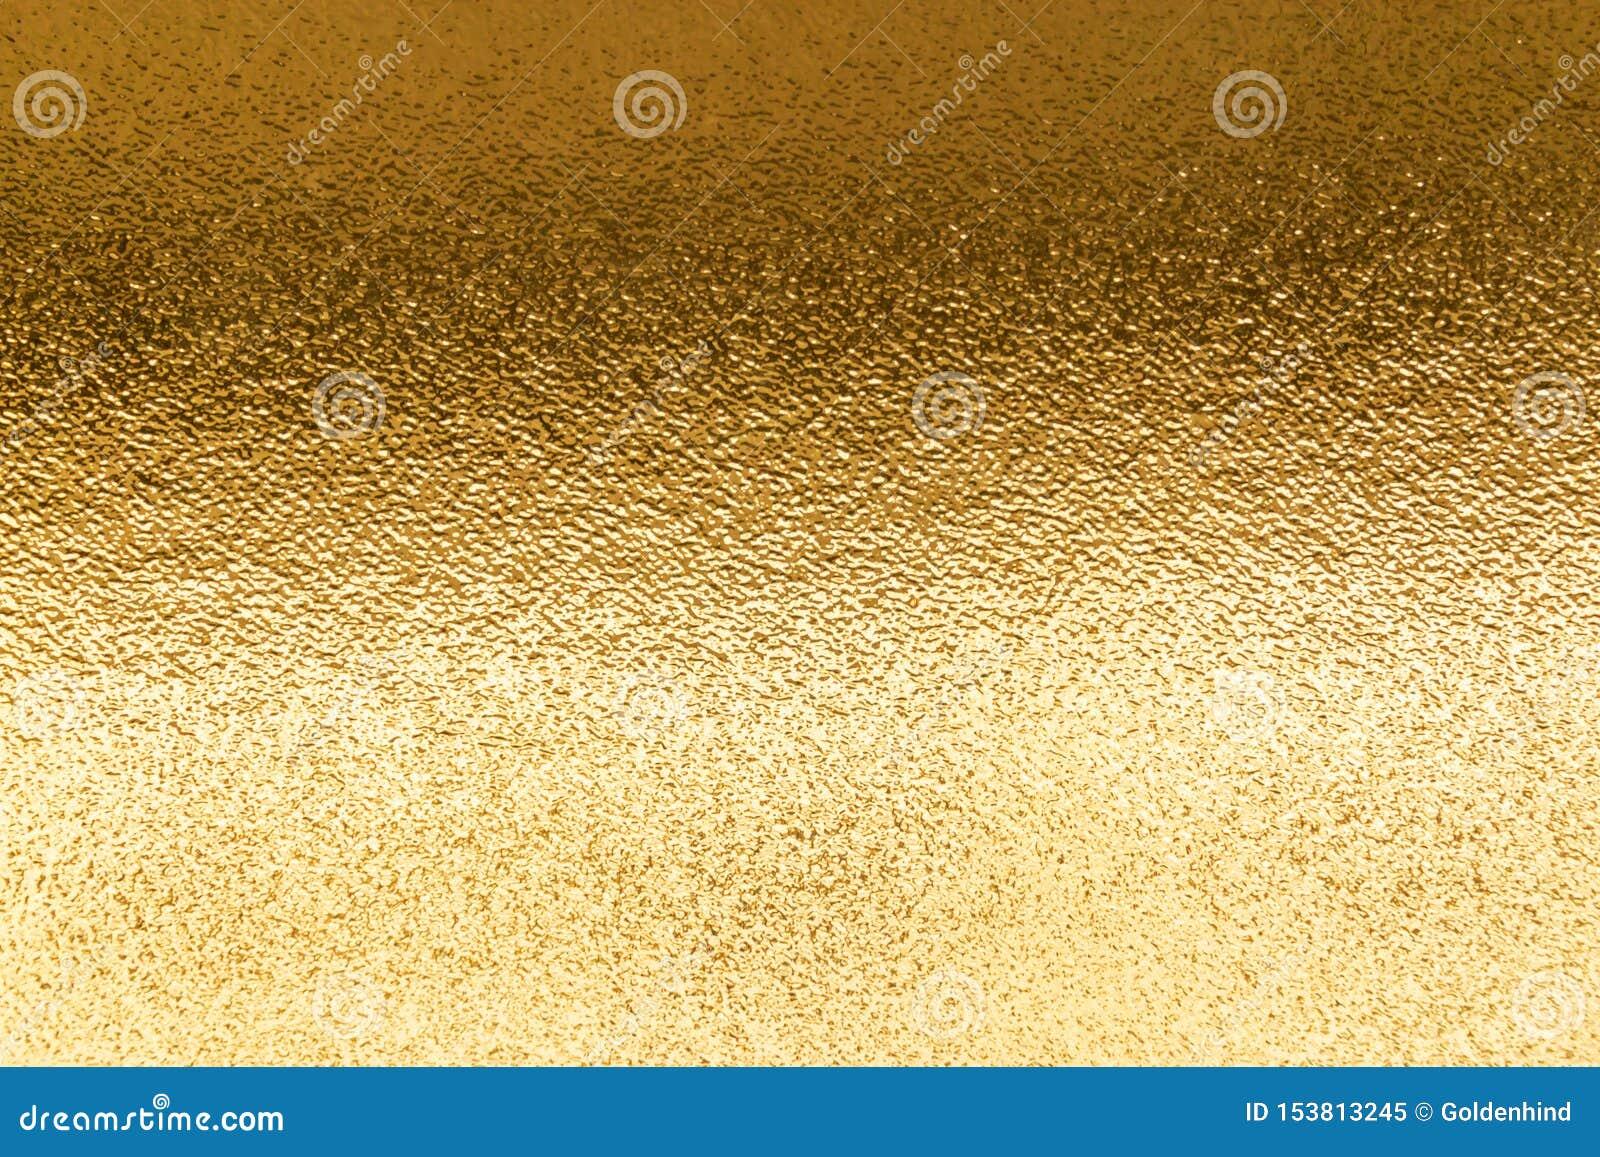 发光的黄色金属金叶箔纹理背景